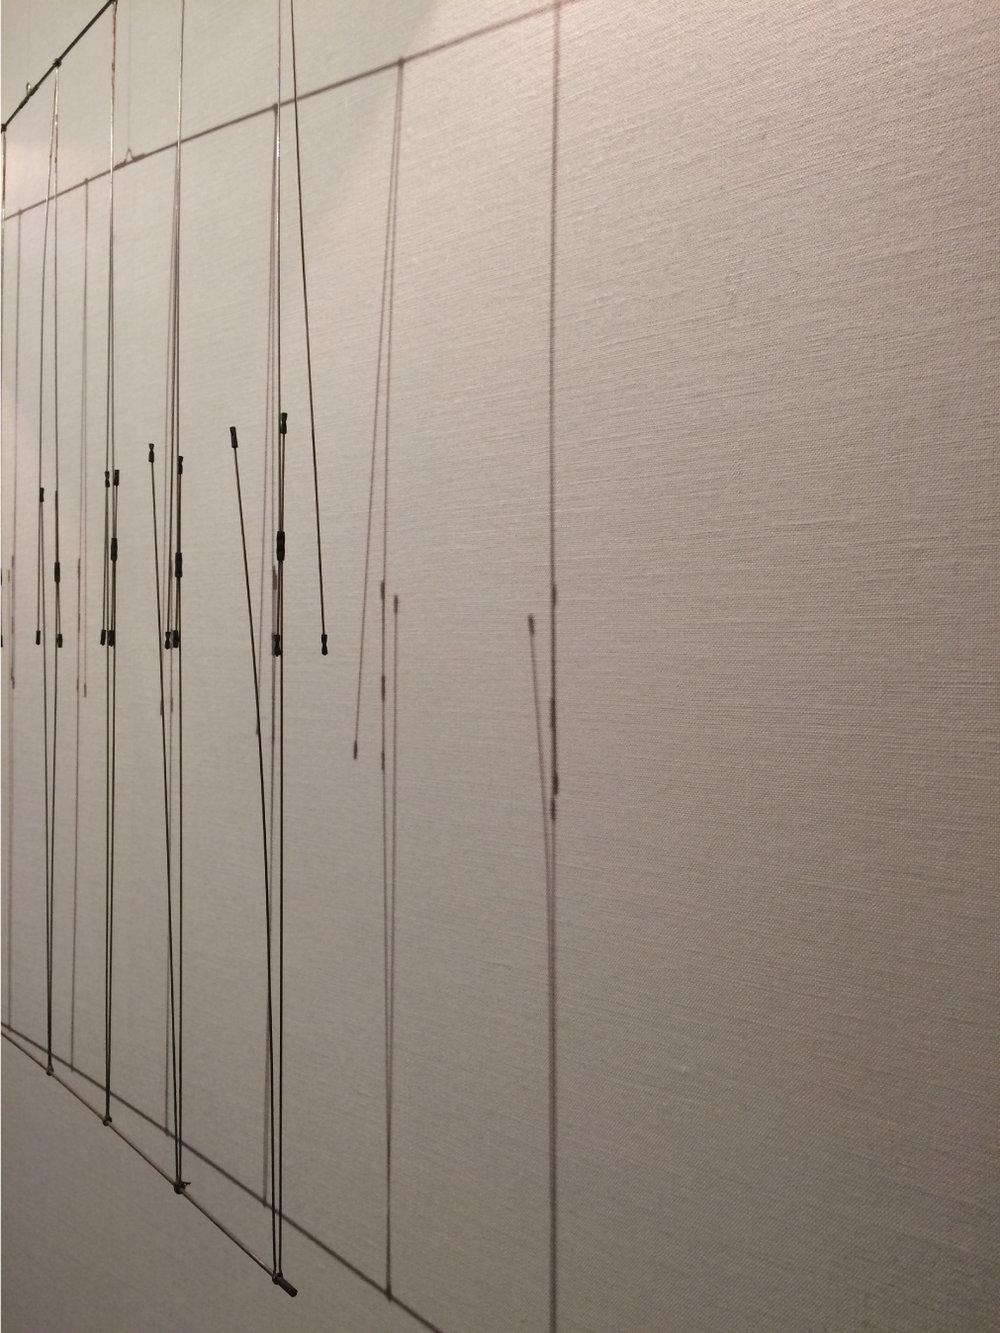 wire1.jpg